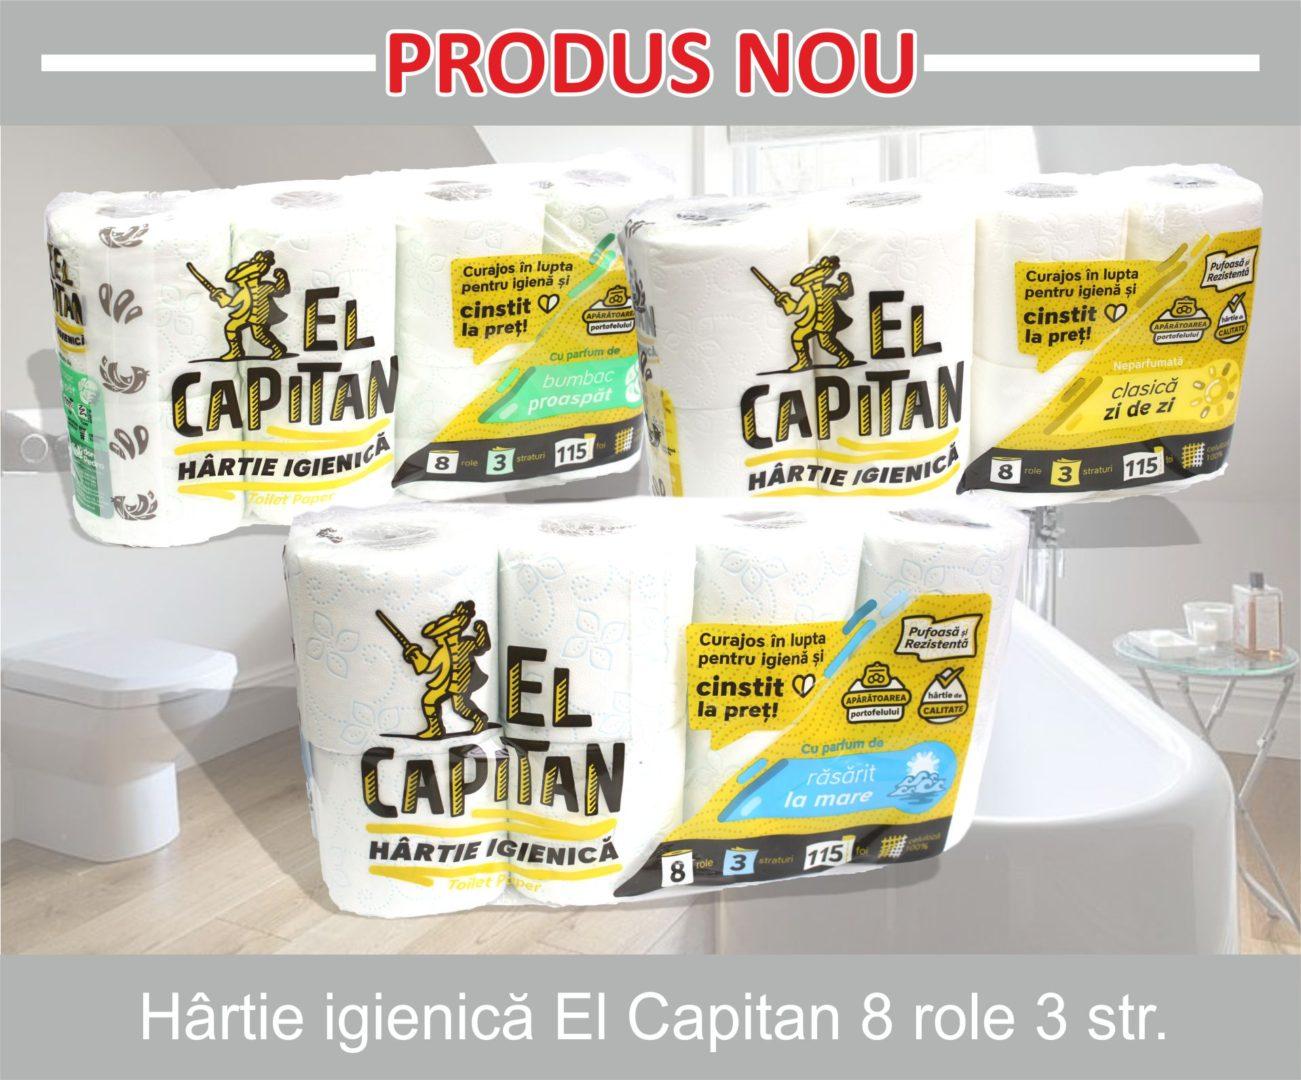 el capitan 8 role 3 str